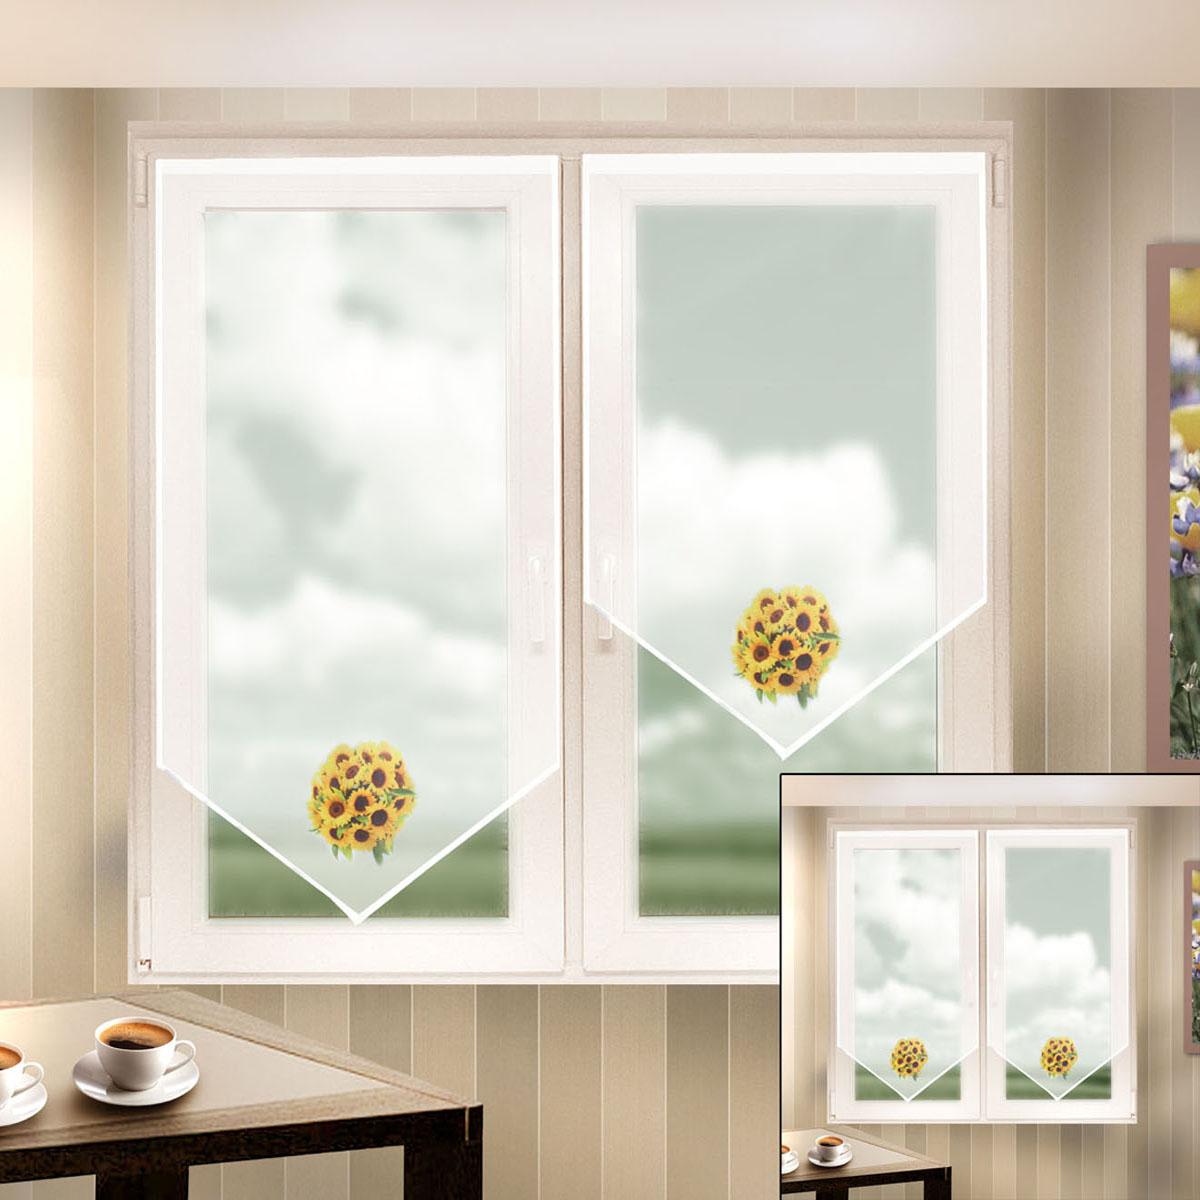 Гардина Zlata Korunka, на липкой ленте, цвет: белый, высота 140 см, 2 шт. 666055666055Гардина на липкой ленте Zlata Korunka, изготовленная из легкого полиэстера, станет великолепным украшением любого окна. Полотно из белой вуали с печатным рисунком привлечет к себе внимание и органично впишется в интерьер комнаты. Крепление на липкой ленте, не требующее сверления стен и карниза. Многоразовое и мгновенное крепление.